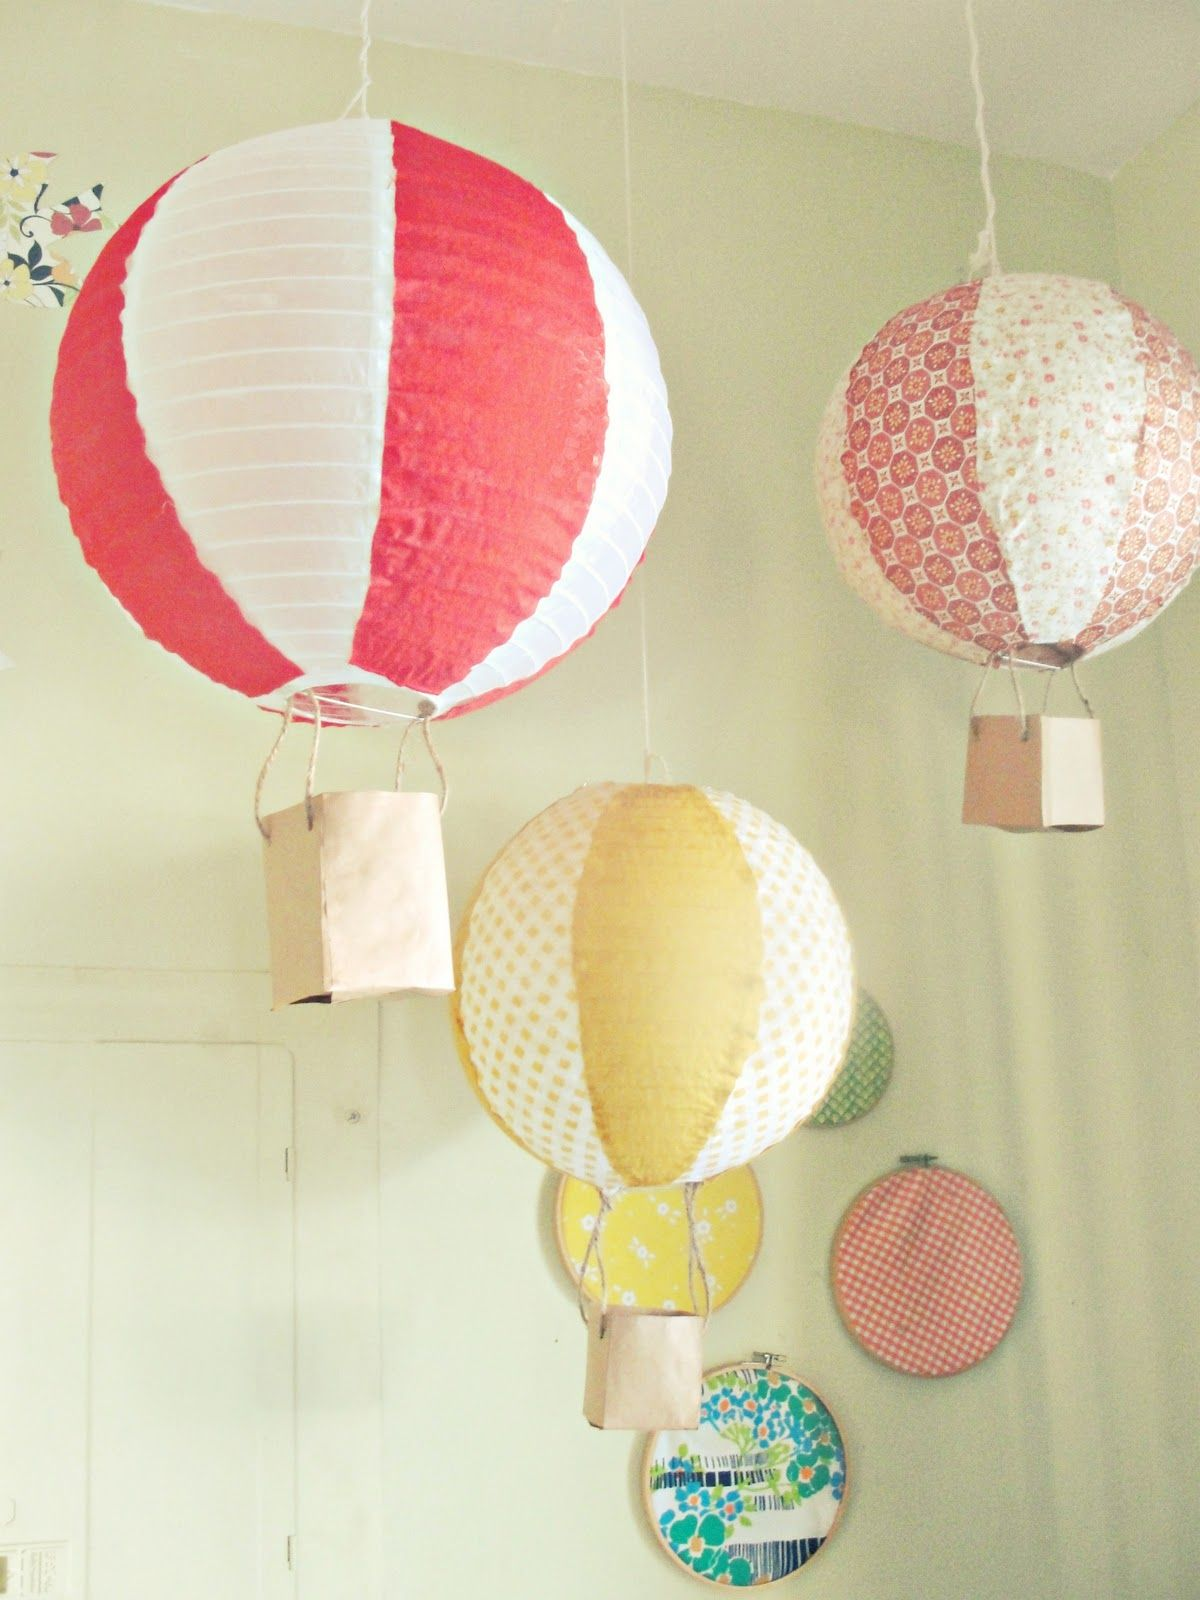 Diy Paper Lantern Hot Air Balloons Paper Lanterns Diy Kids